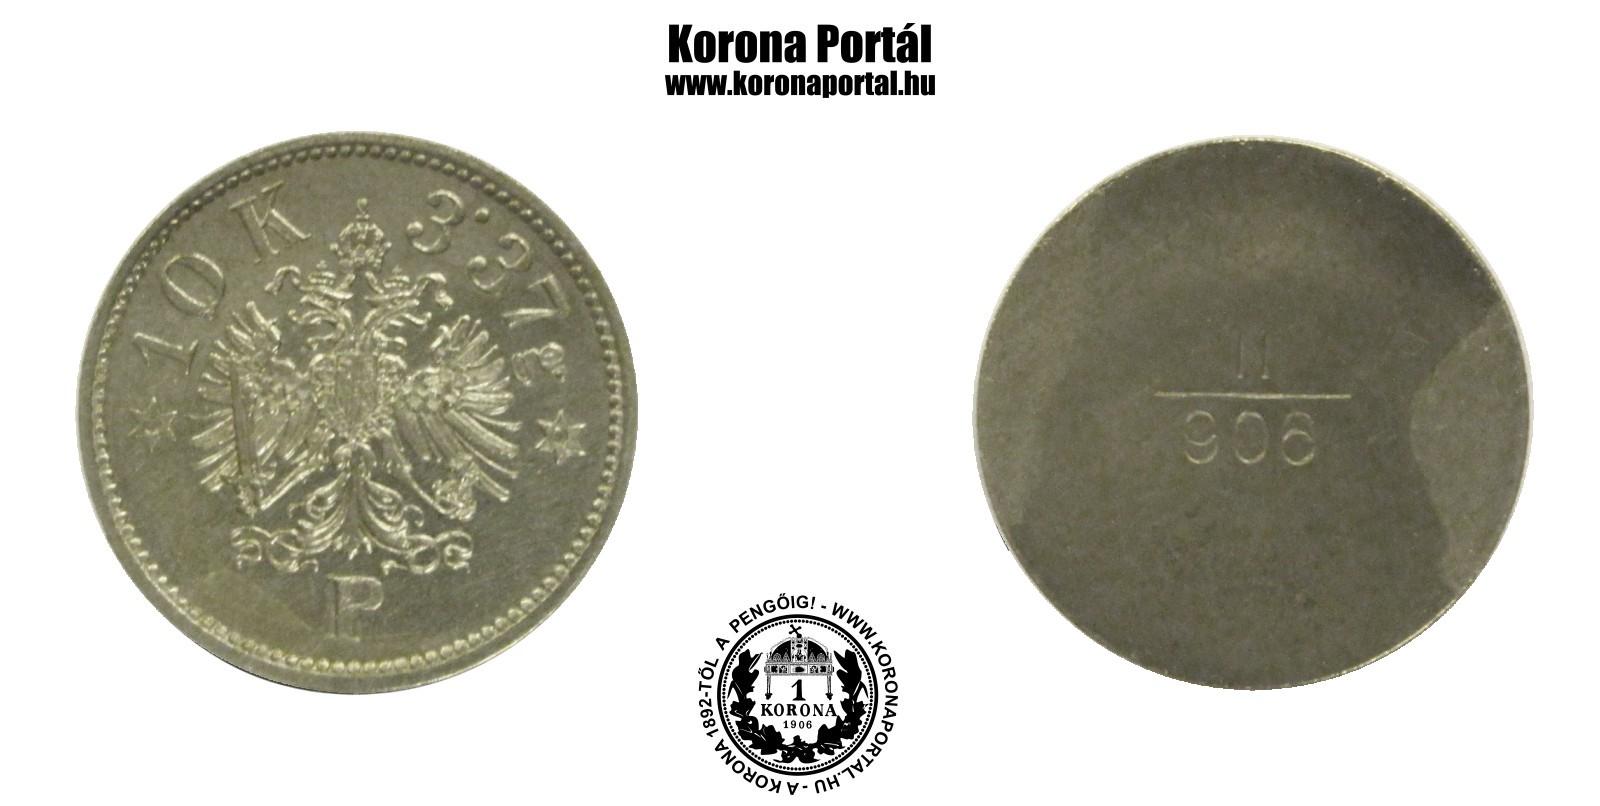 http://www.koronaportal.hu/penzsuly-sulypenz/www_koronaportal_hu_penzsuly-sulypenz-arany-10-korona-10k-p-337g_vekony_osztrak.jpg